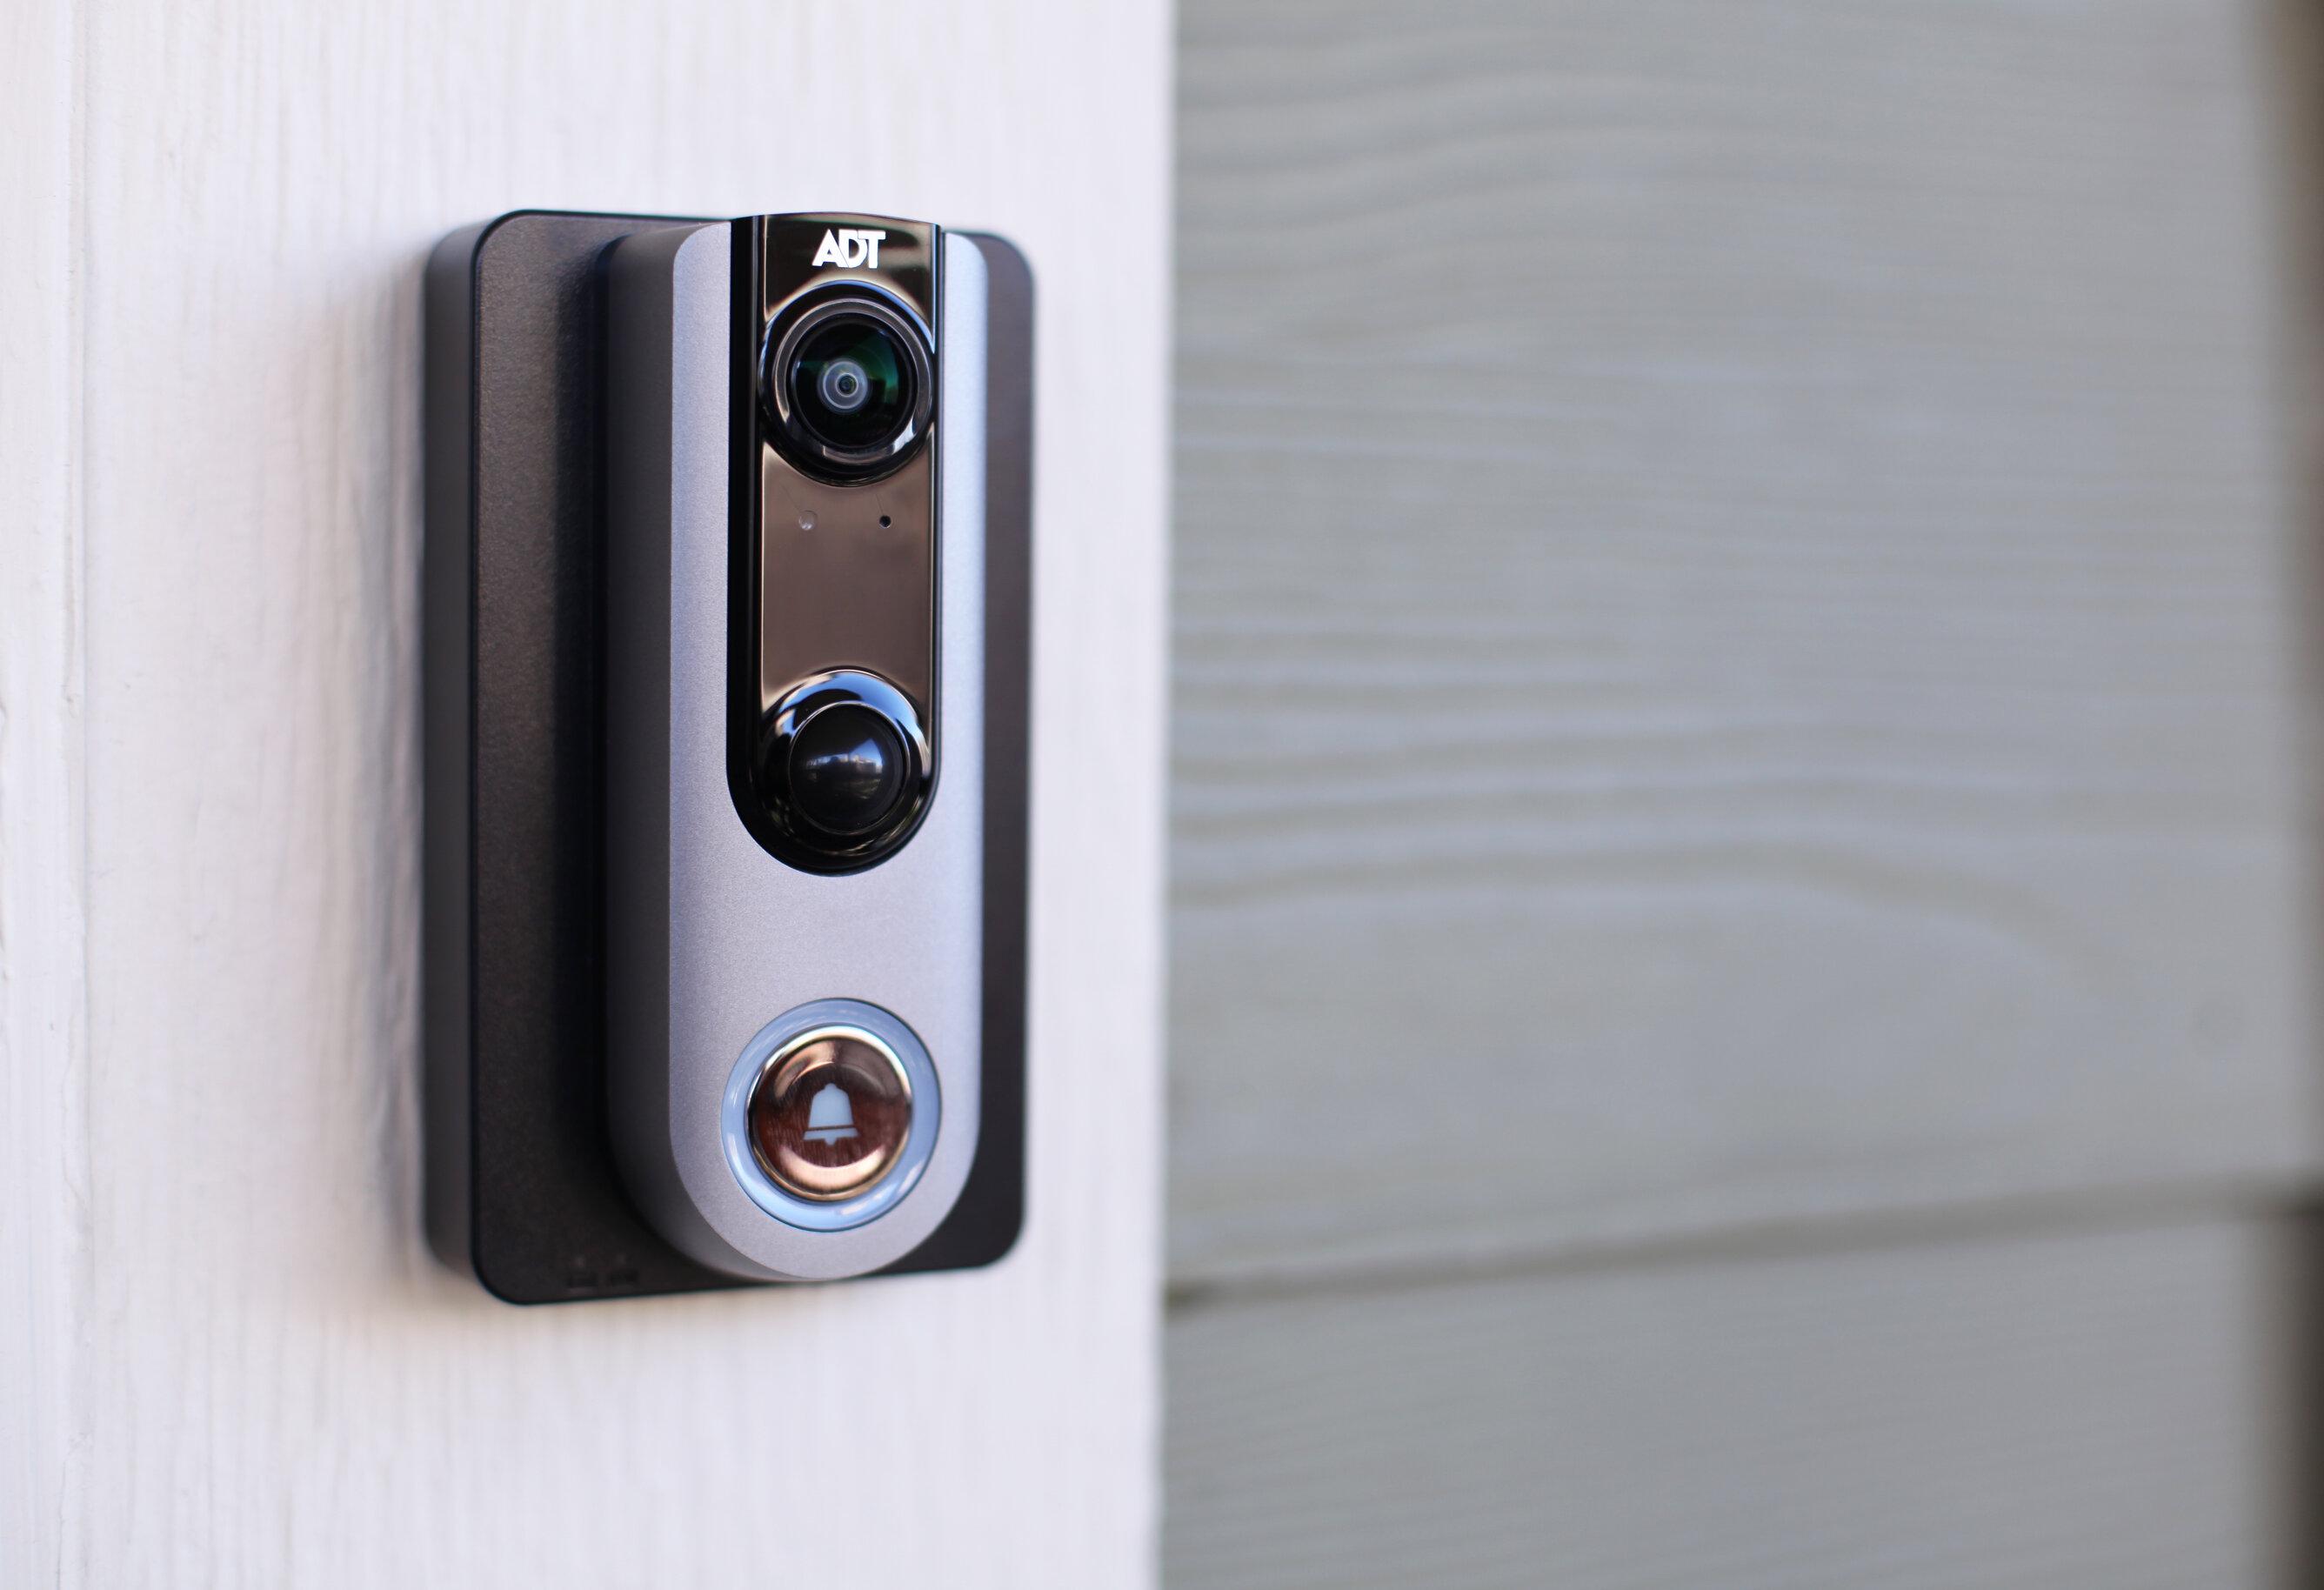 ADT doorbell